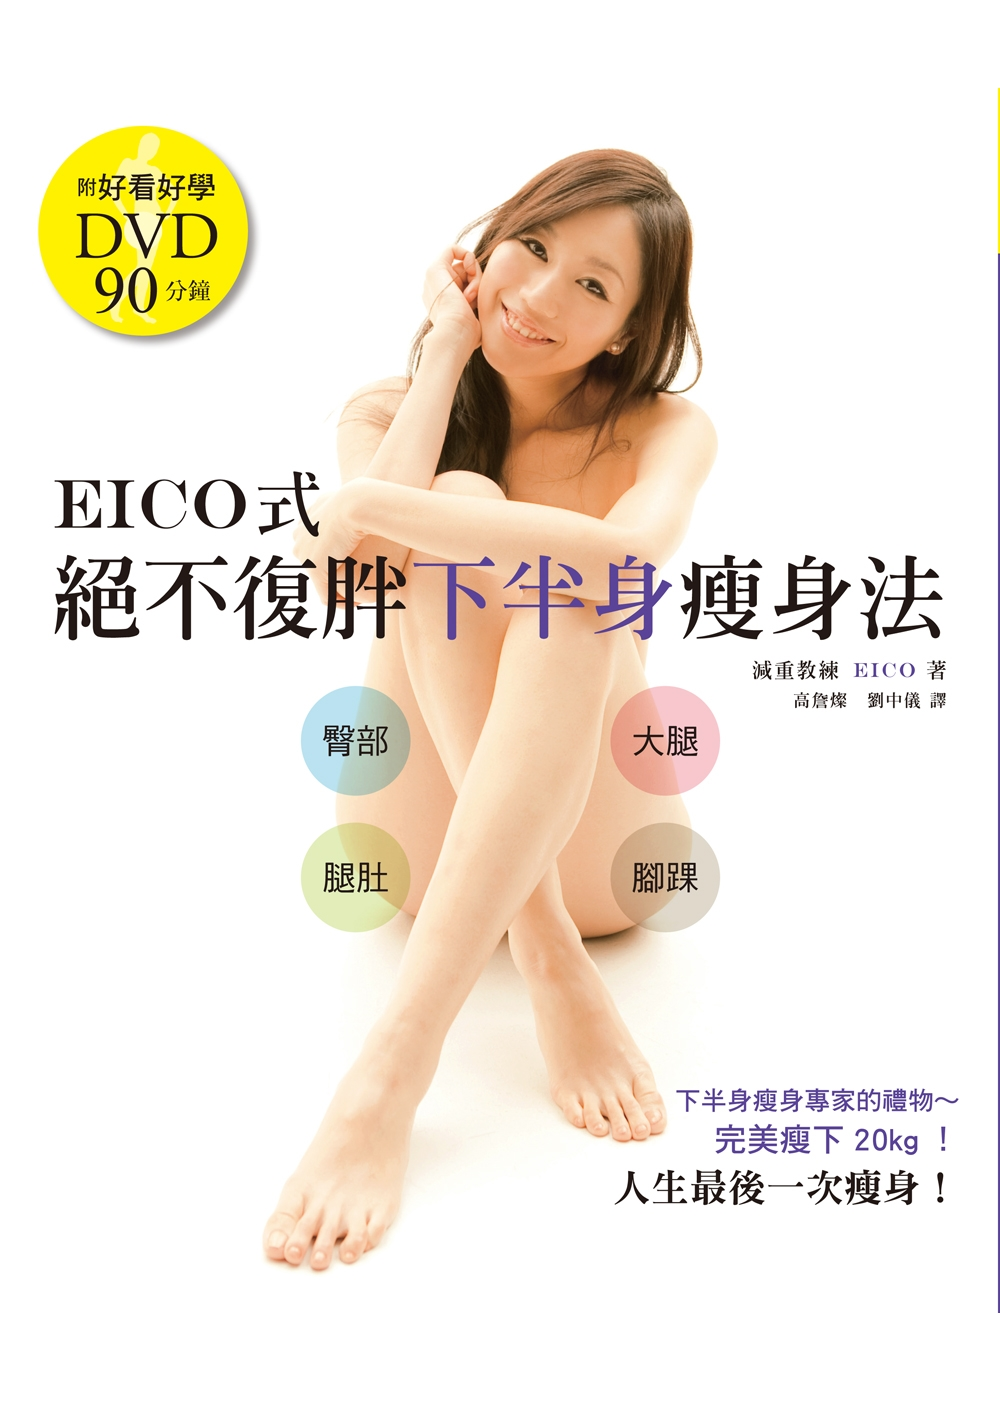 EICO式絕不復胖下半身瘦身法:超簡單卻能減掉20kg!真正讓妳狂瘦下半身的好書!(附DVD)